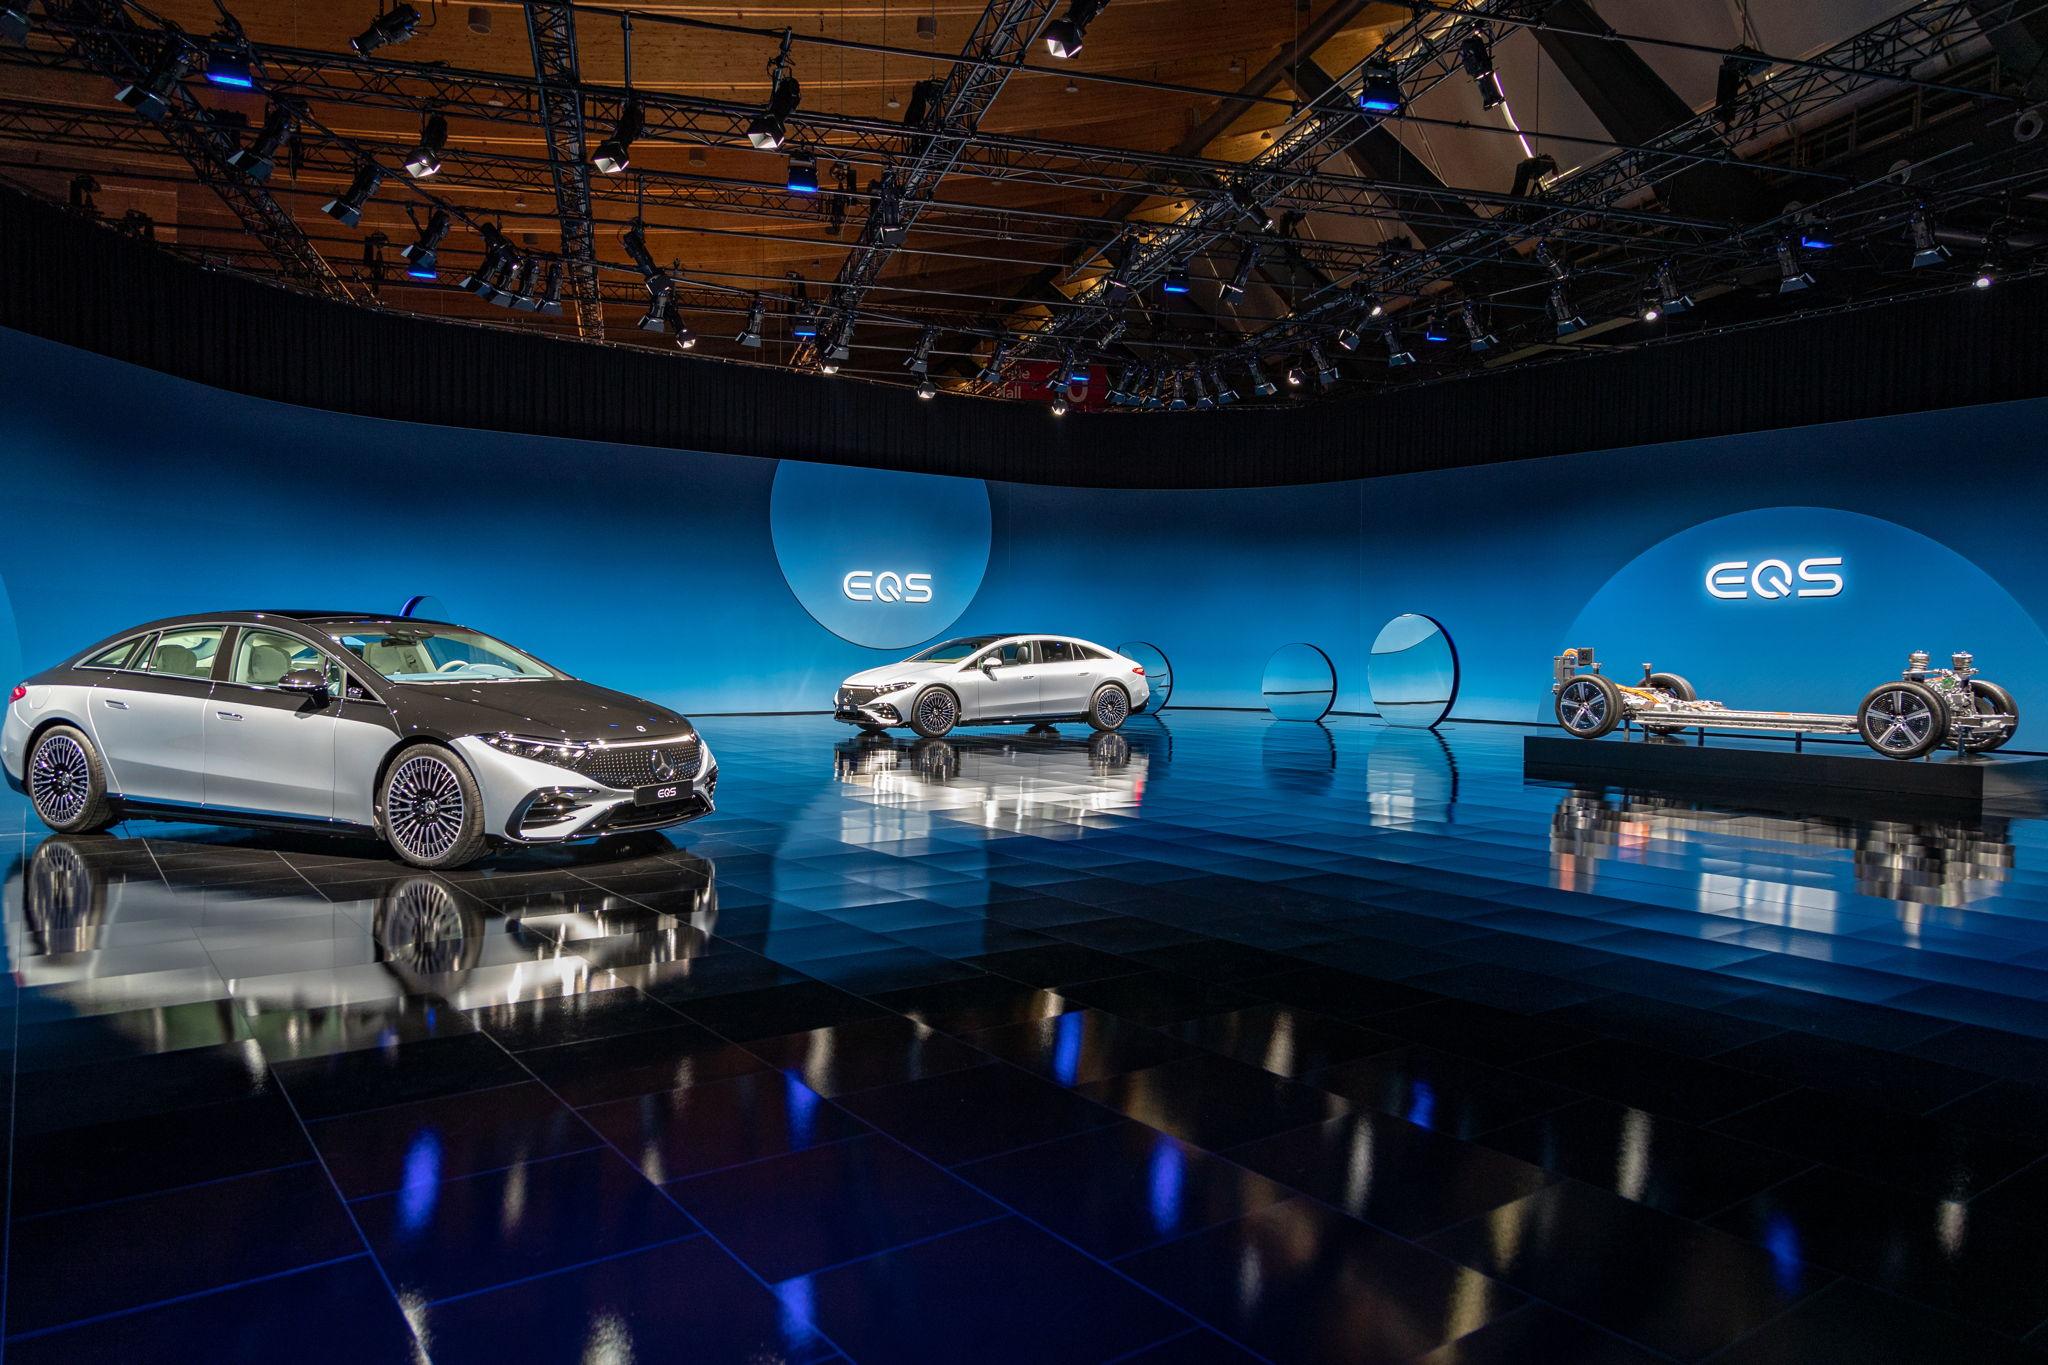 Das ist der EQS – alle Infos und Bilder des Serienmodells von Mercedes-EQ